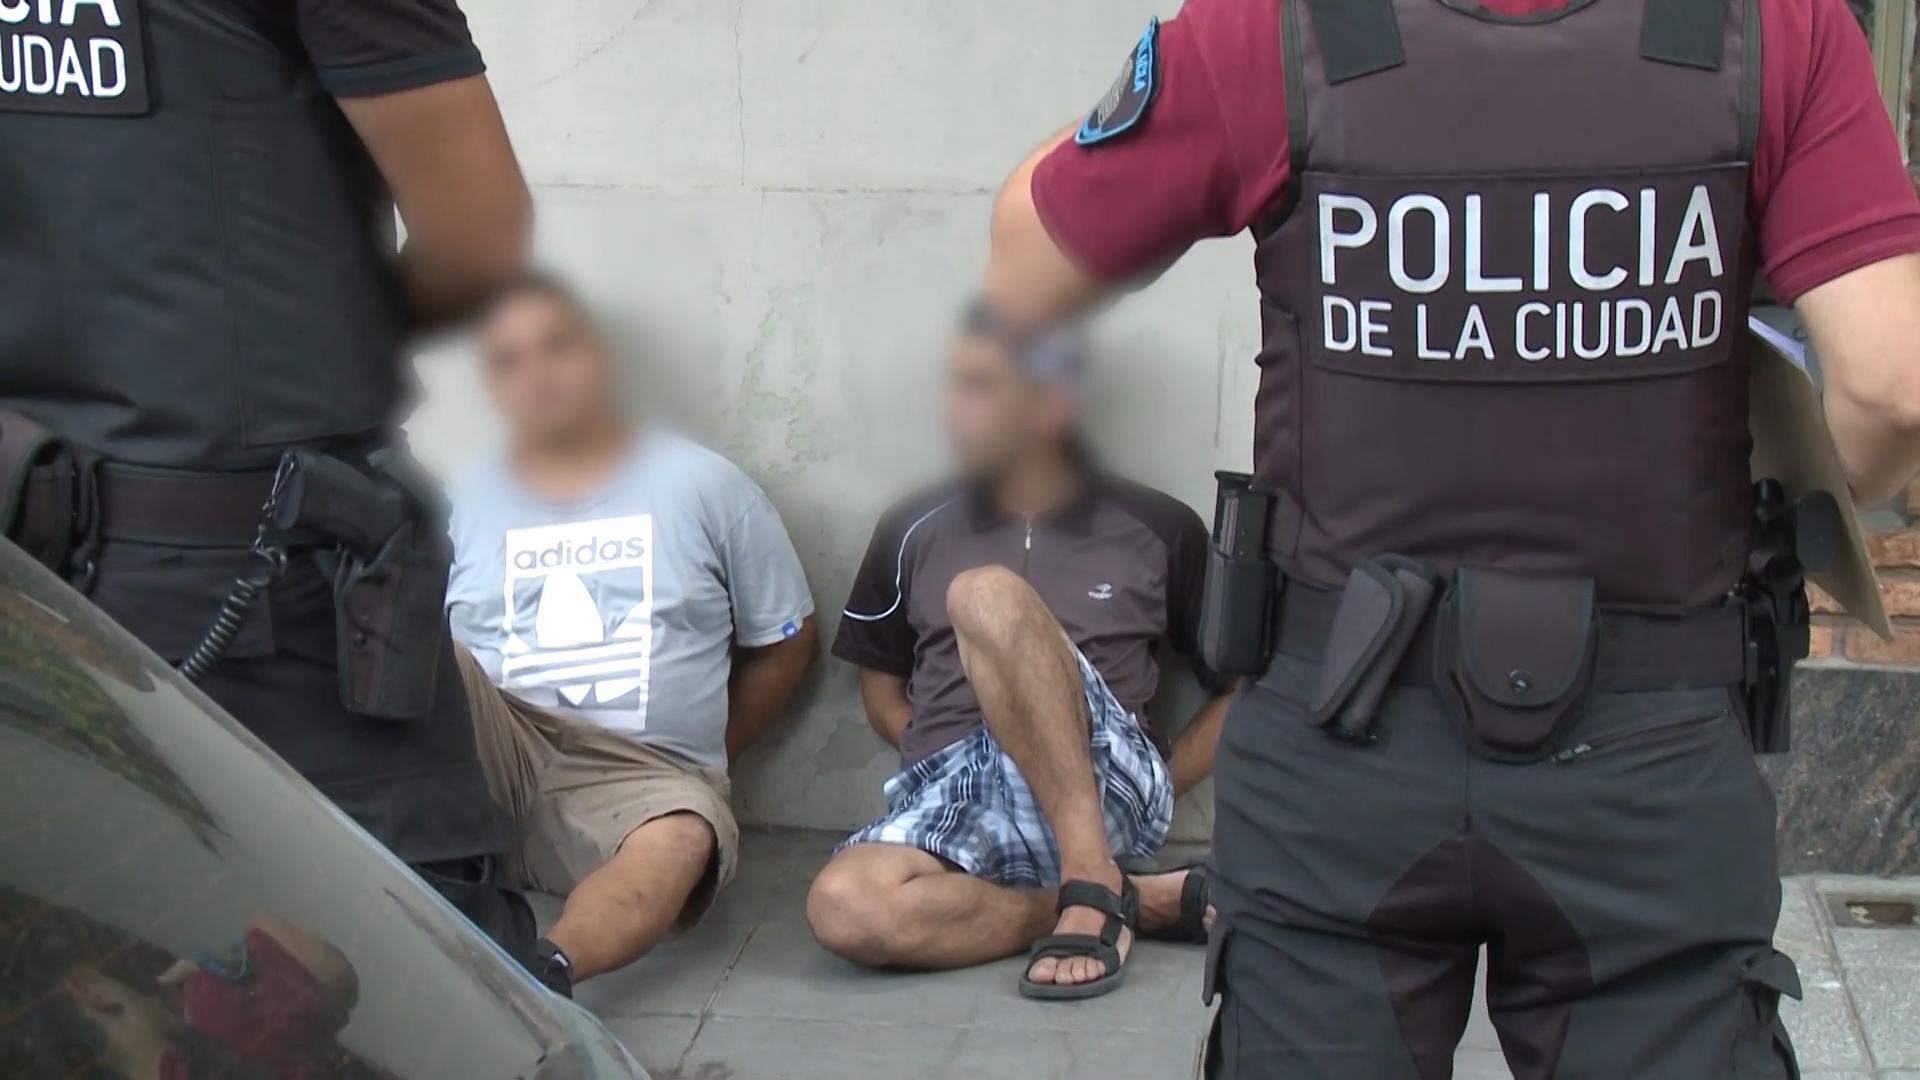 Detuvieron a otro motochorro extranjero: tenía prohibido entrar al país y lo liberó la misma jueza que dejó en libertad a un delincuente por 700 pesos